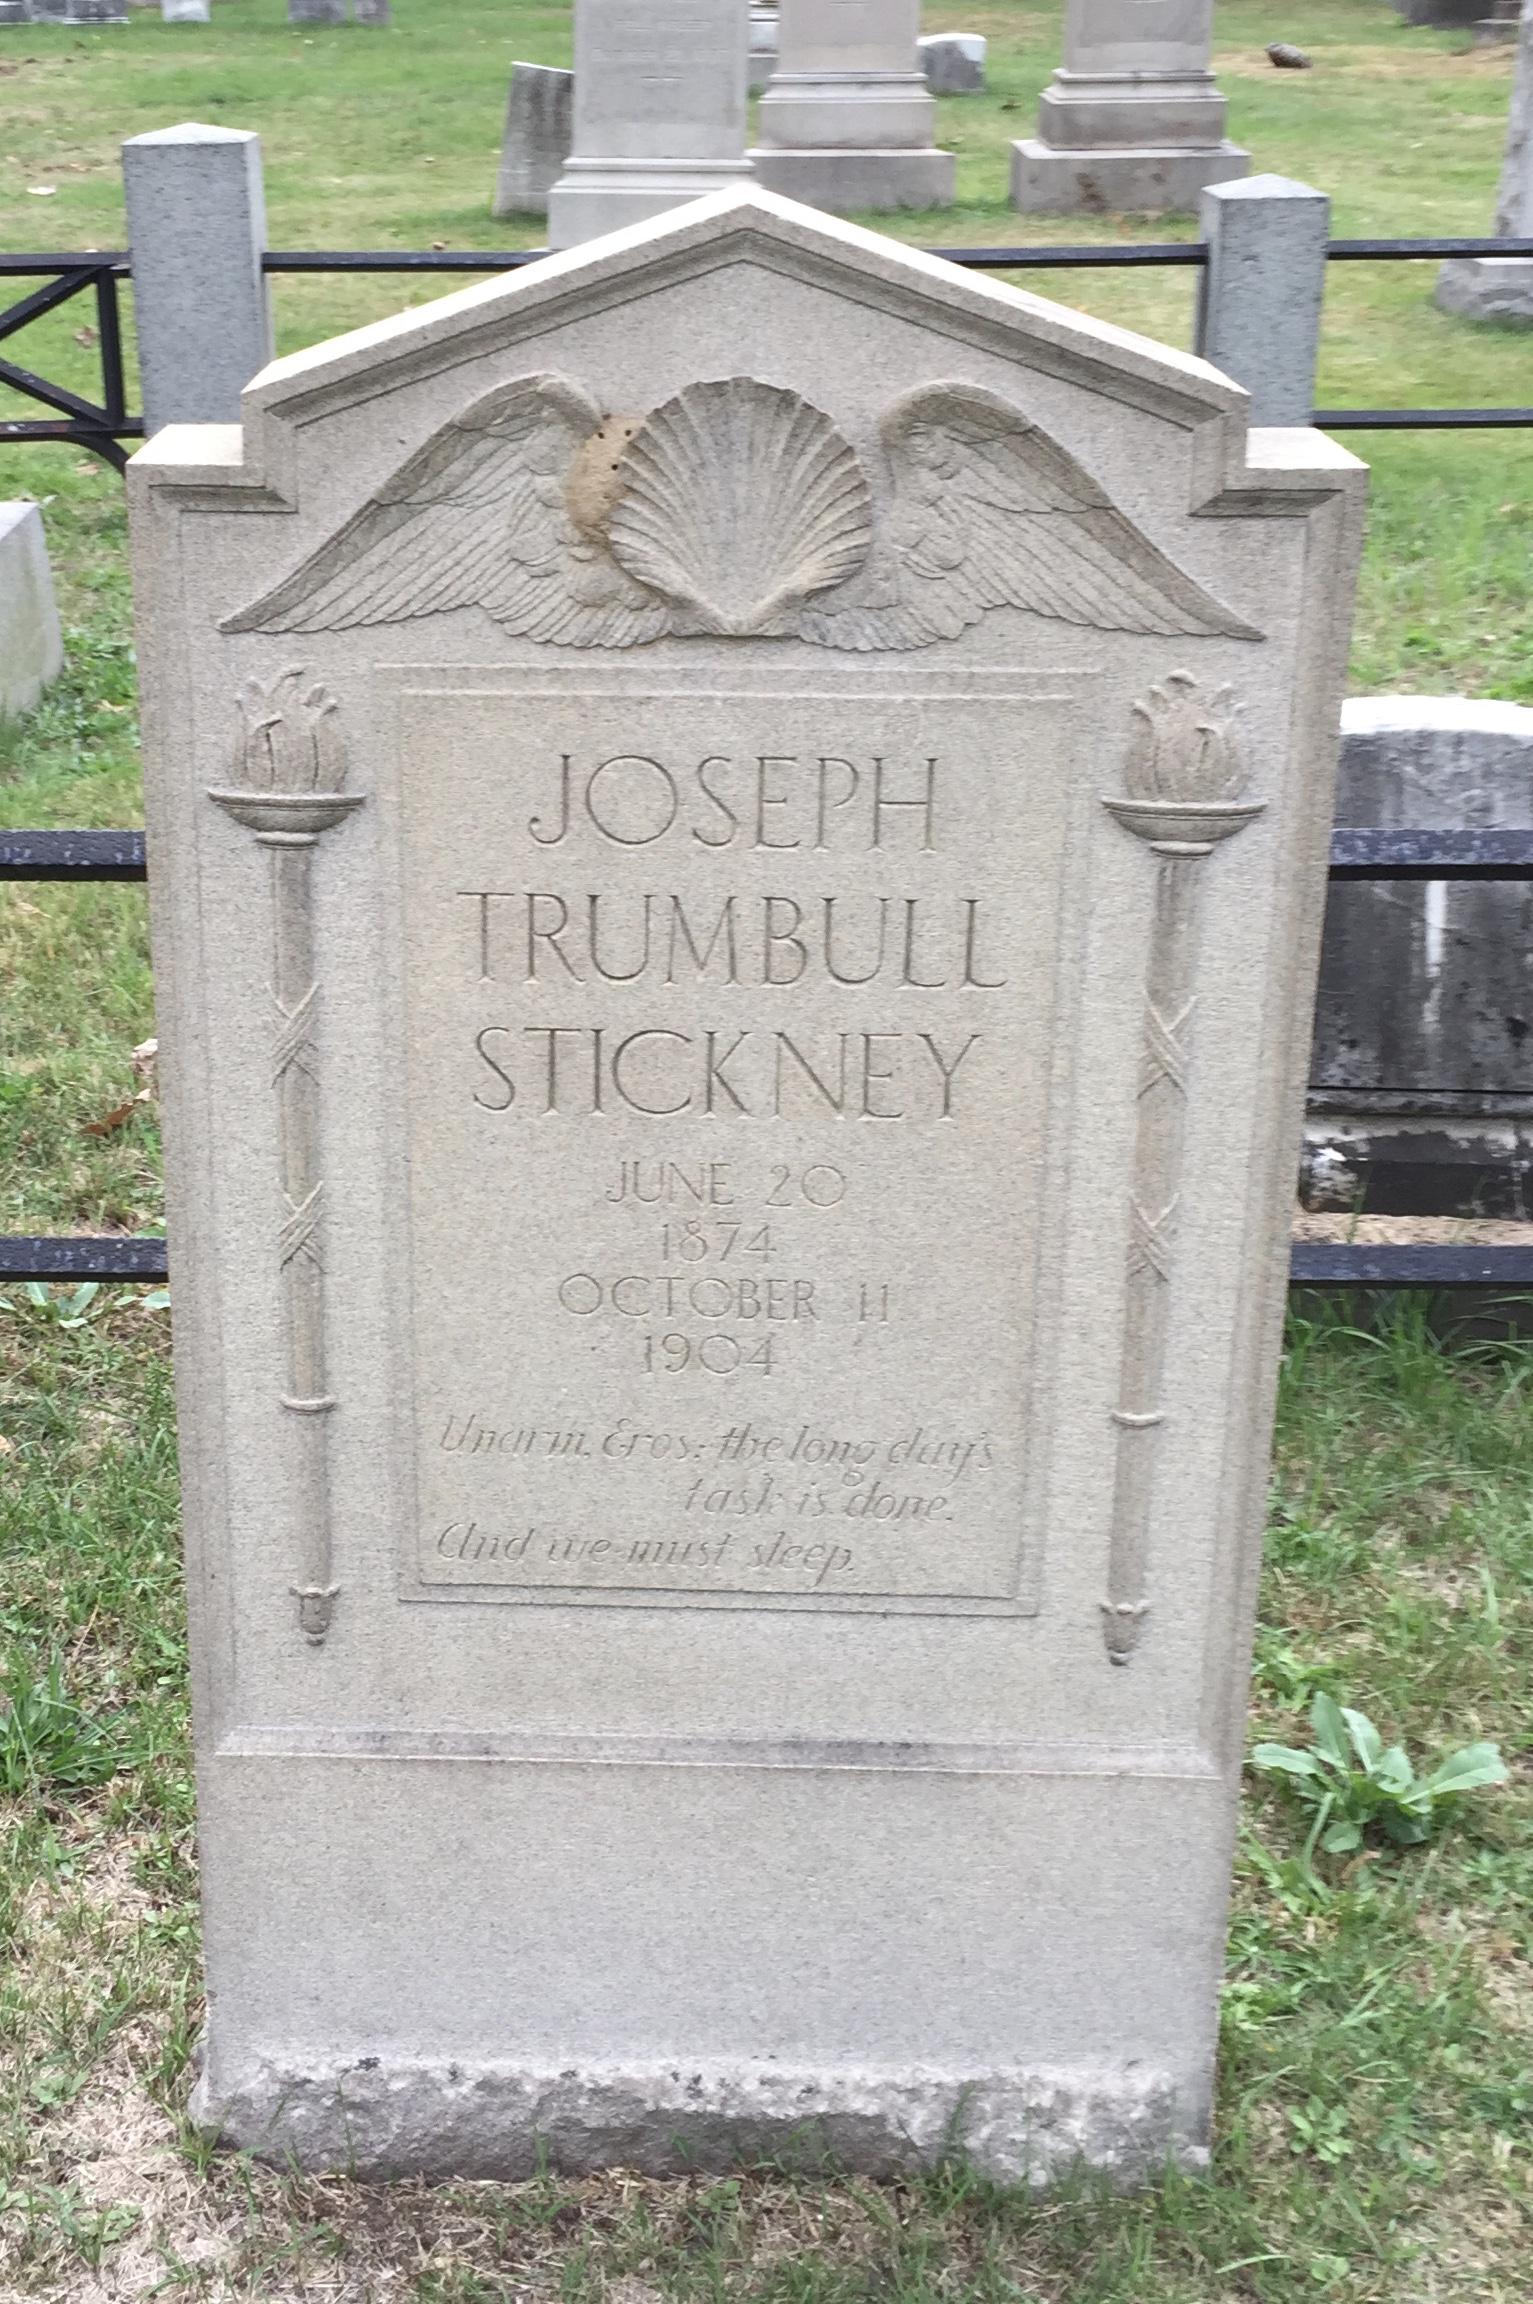 Trumbull Stickney mnemosyne